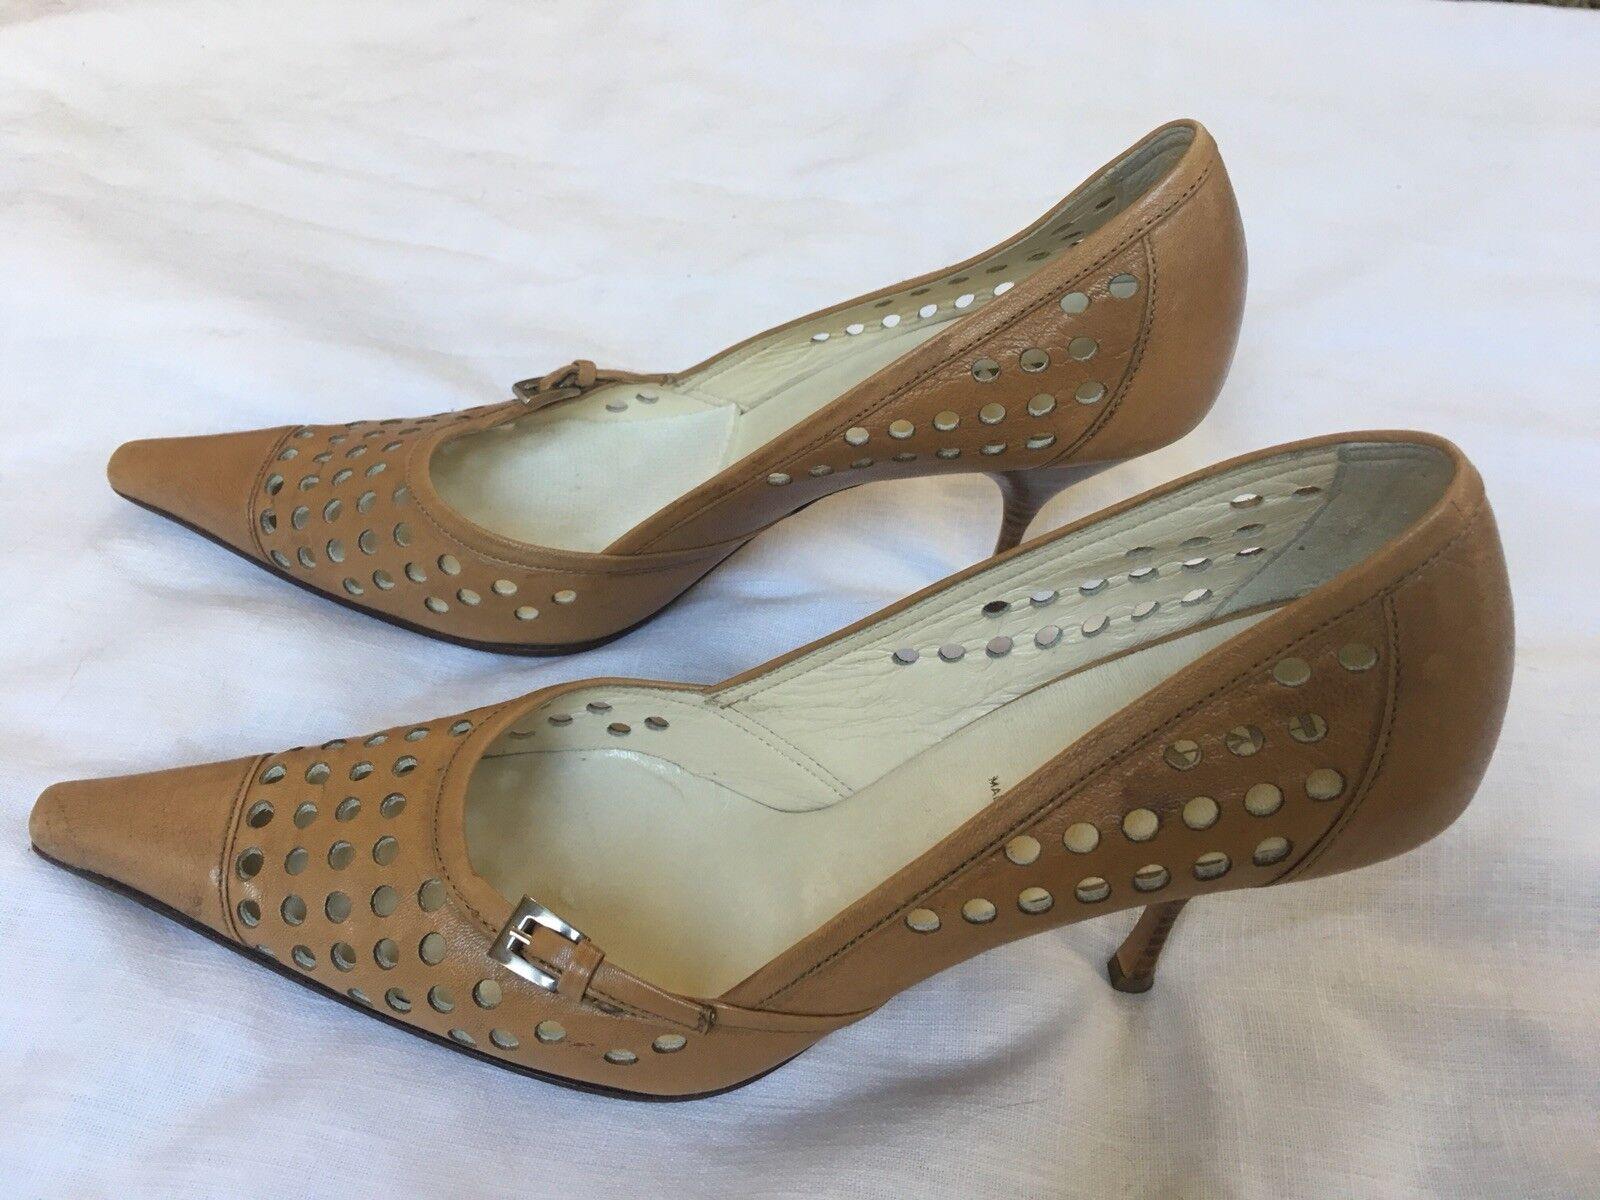 Prada Zapatos de Salón Puntera Cuadrada Vero Cuoio Cuoio Cuoio 36.5 Mostaza  80% de descuento